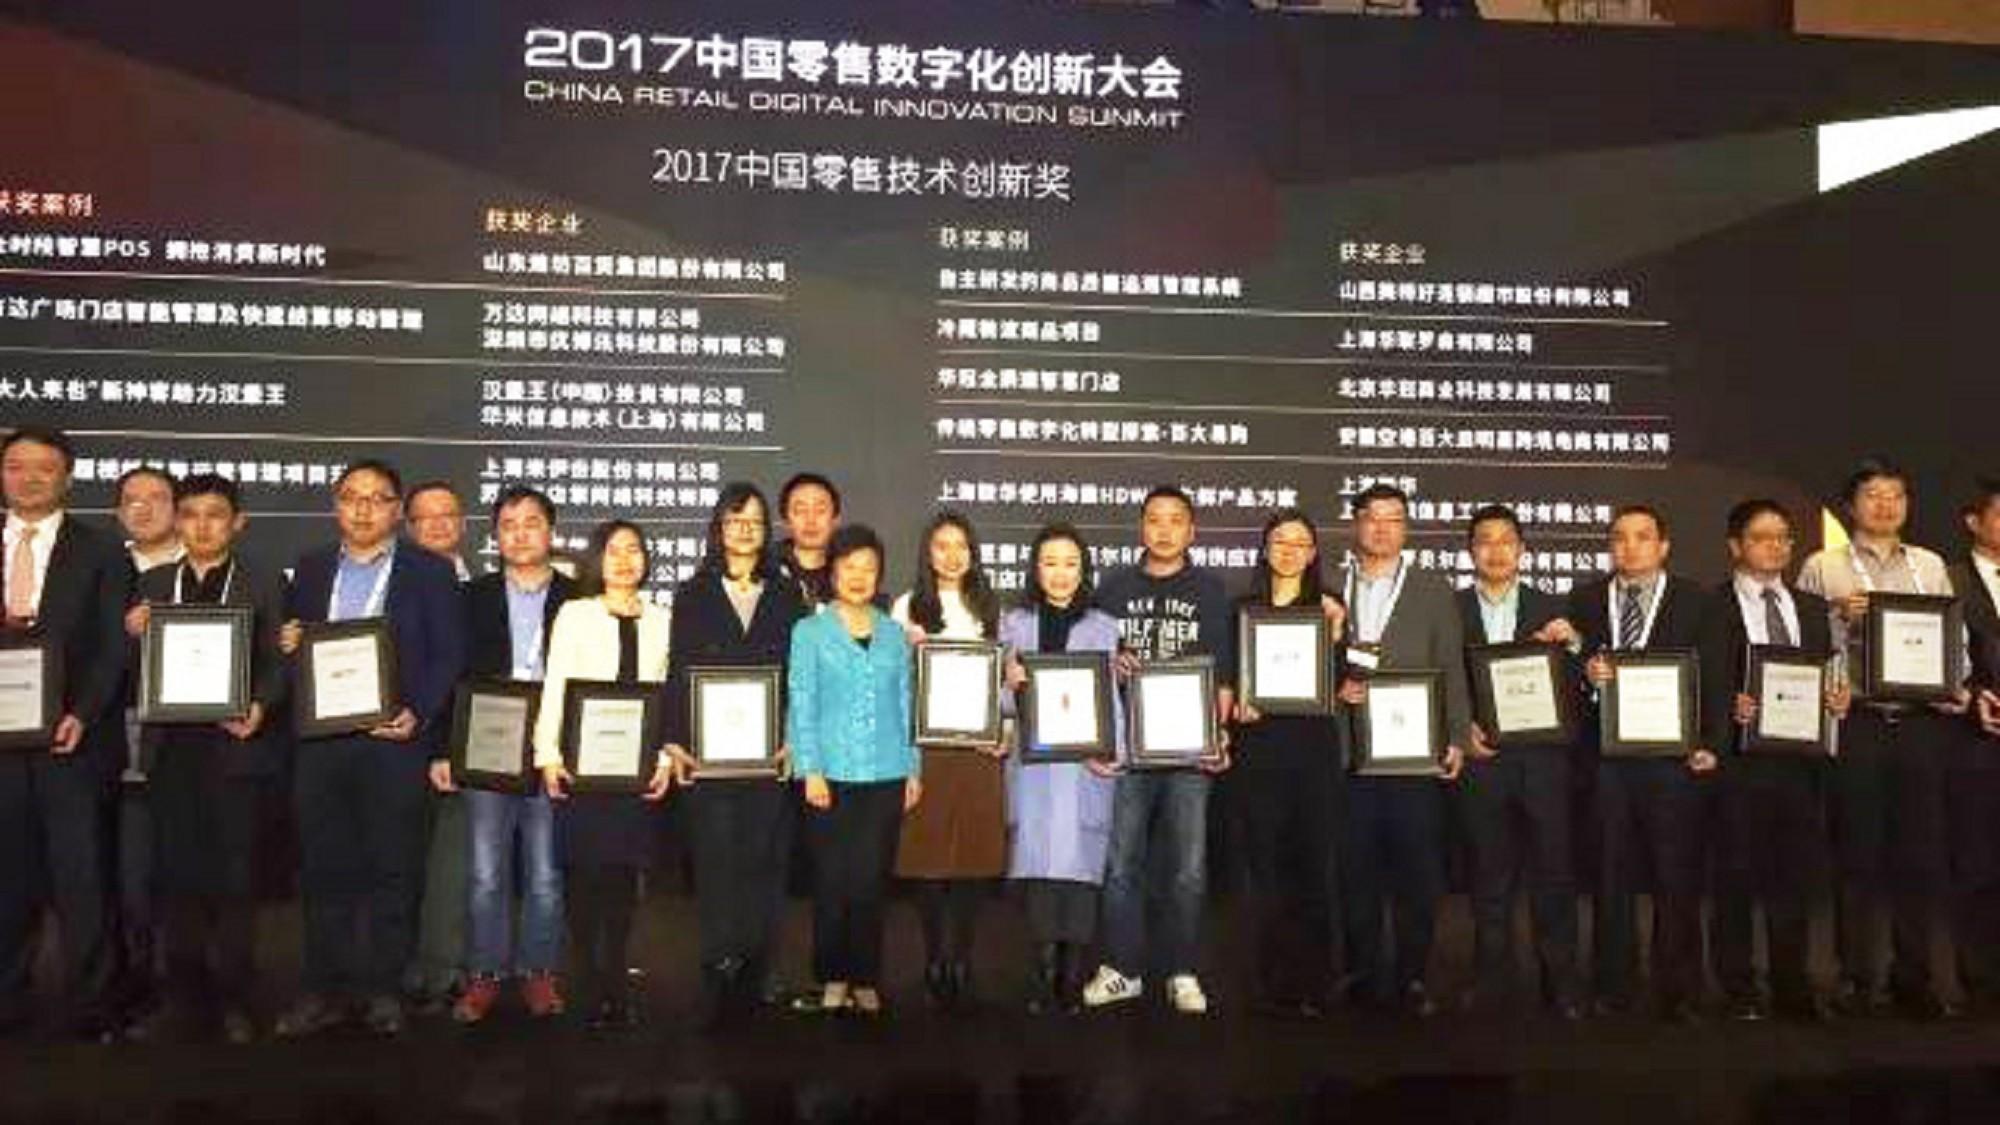 """北京华冠商业荣获""""2017中国零售技术创新奖""""!1"""